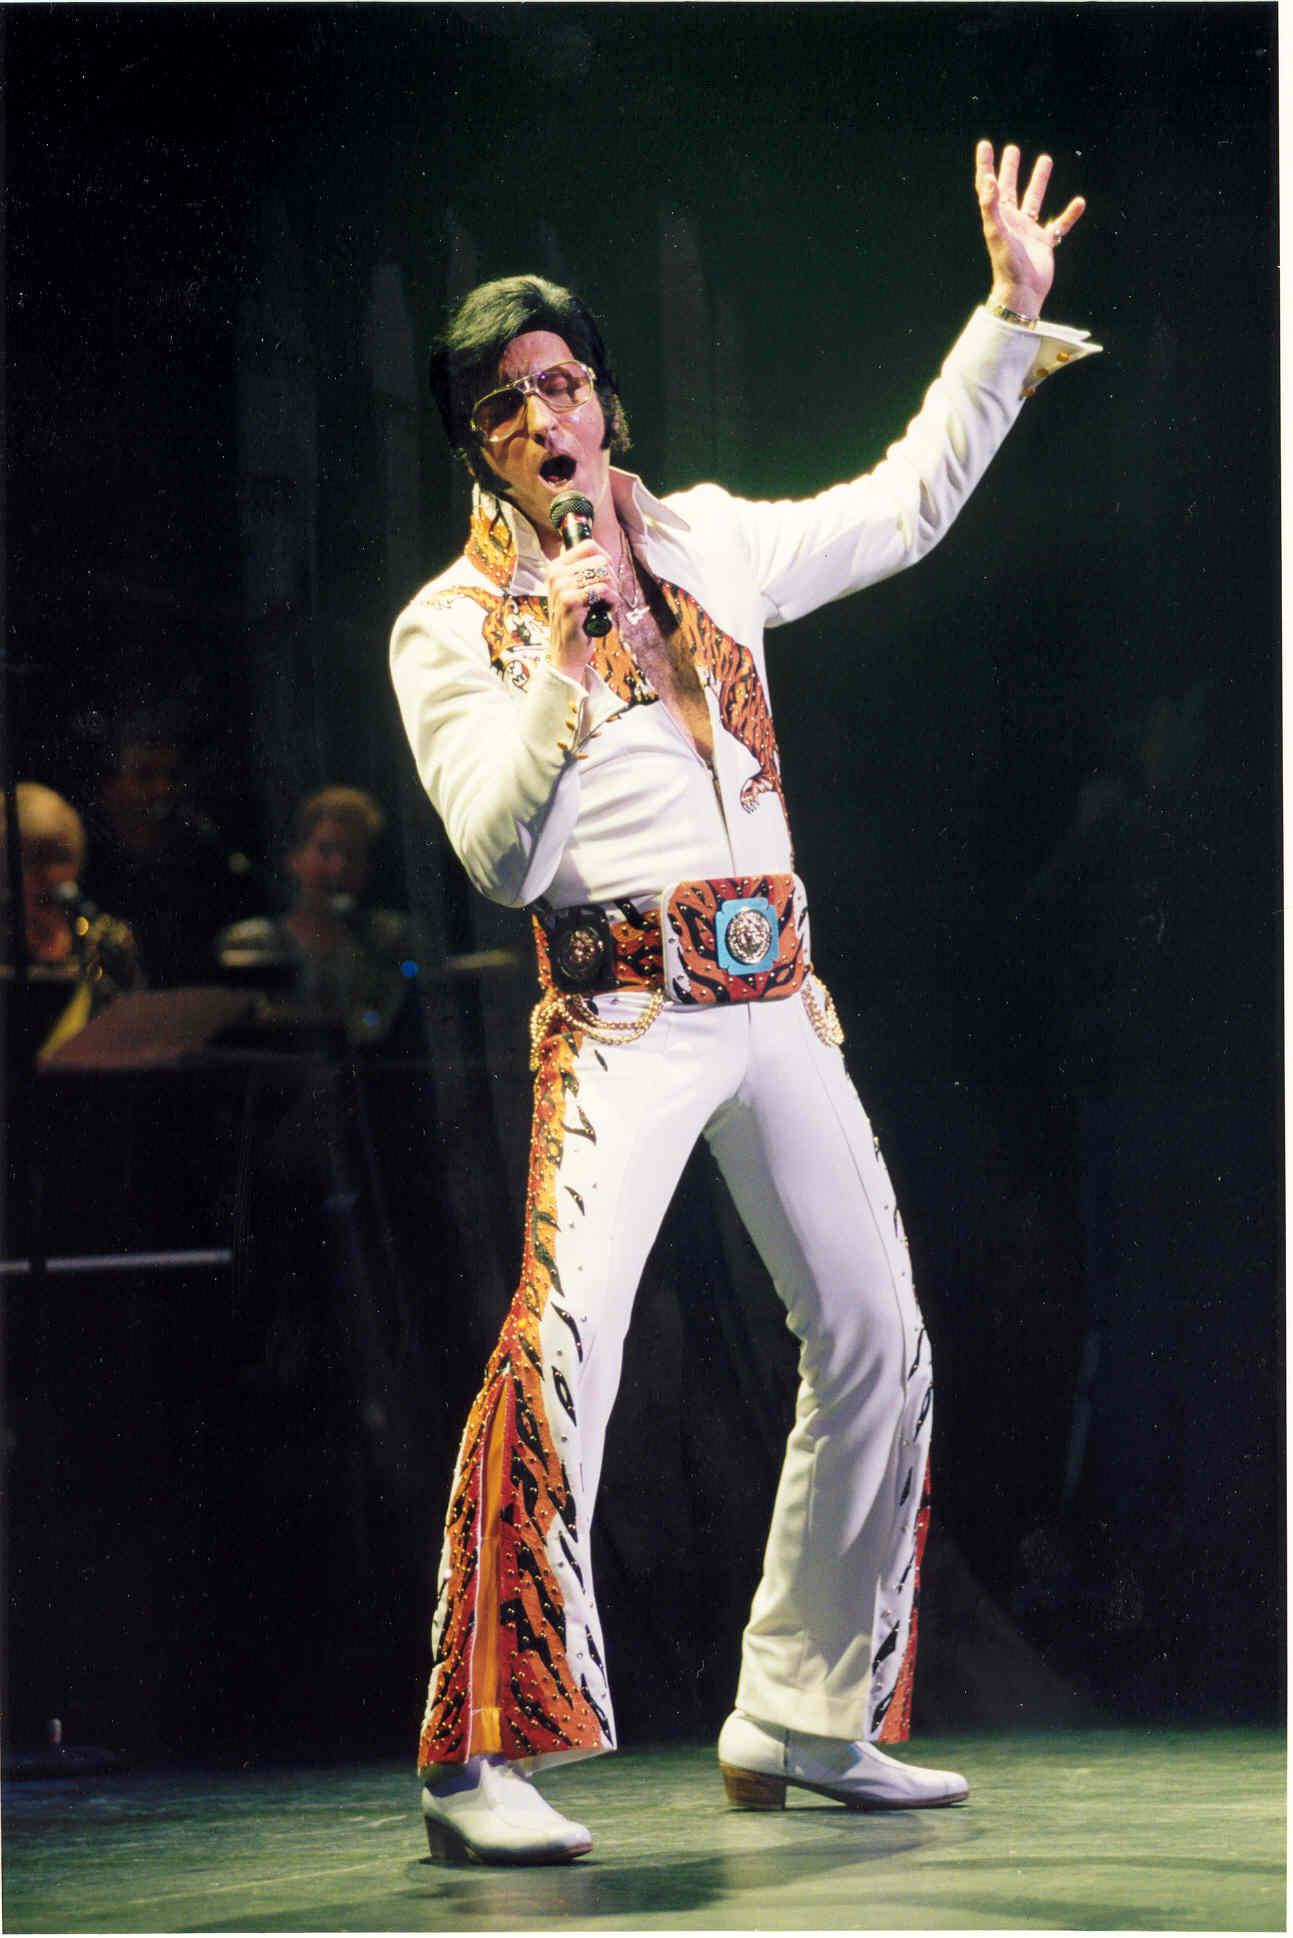 Elvis impersonator singing on stage